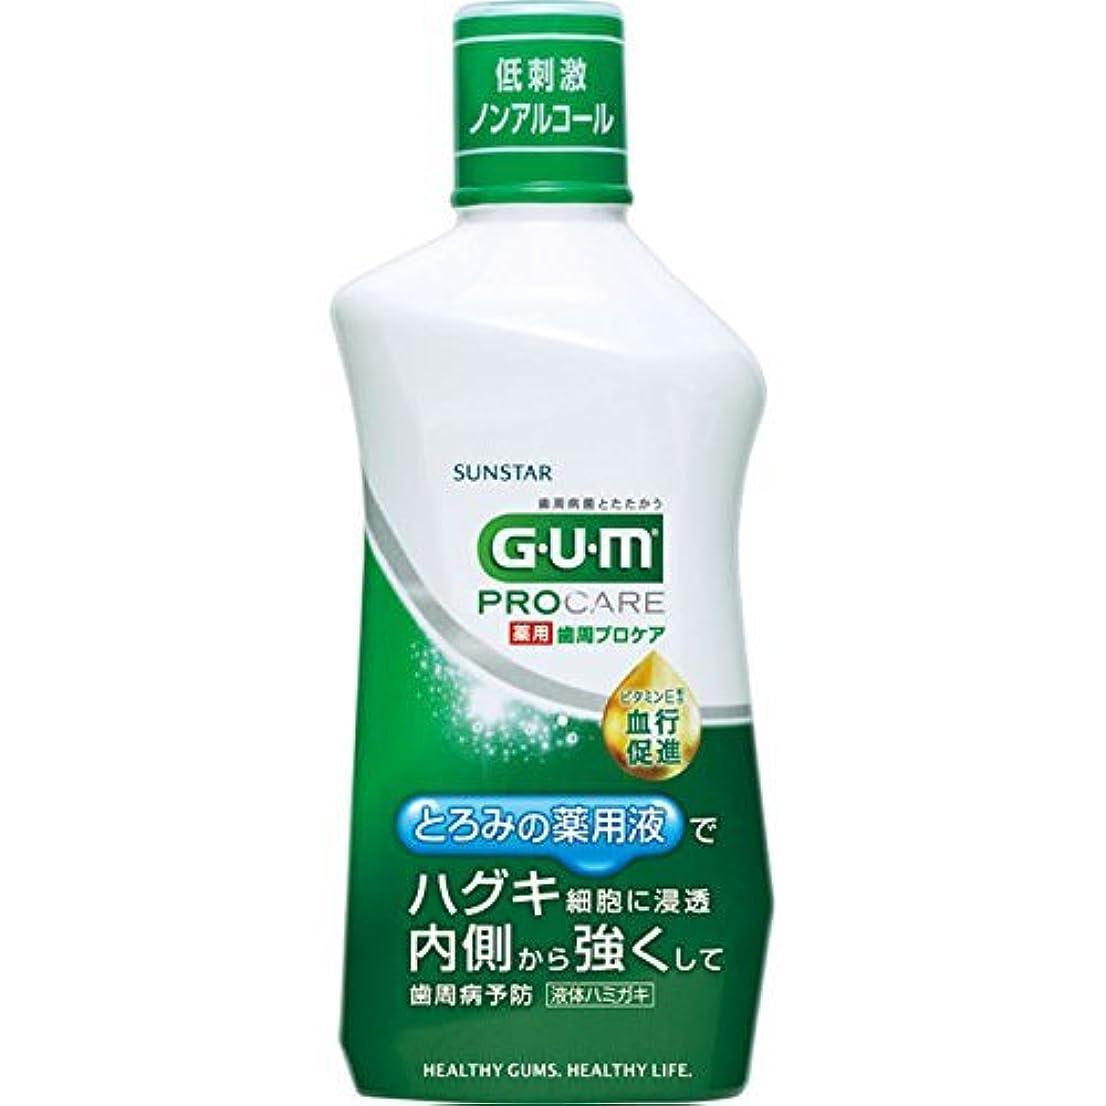 荒らす私たちジェット[医薬部外品] GUM(ガム) 歯周プロケア デンタルリンス 420ml 液体歯みがき <歯周病予防?ハグキケア>